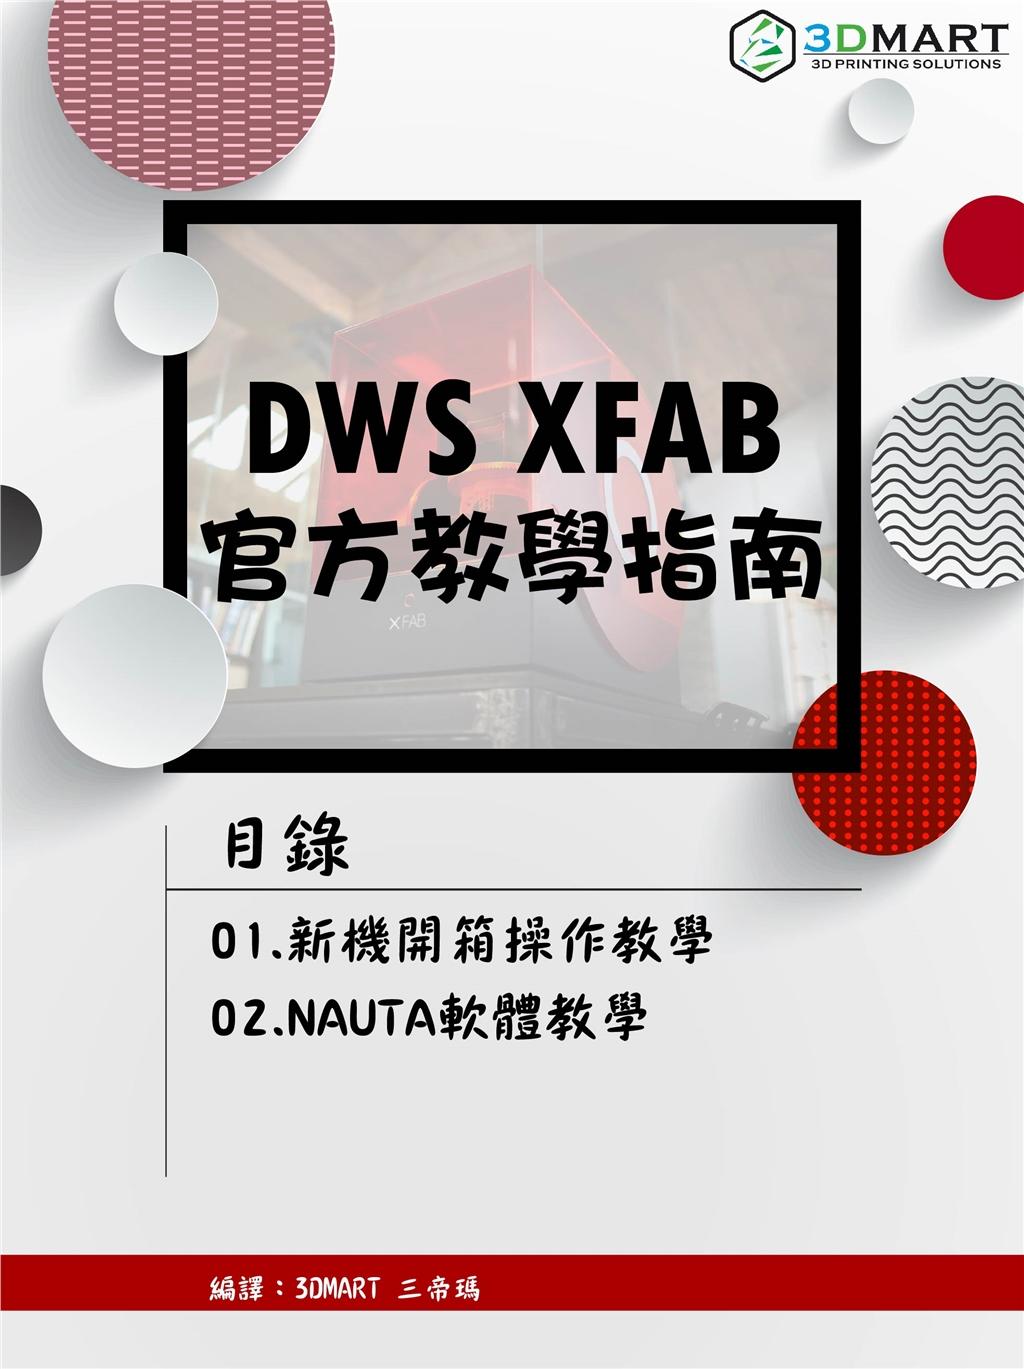 dwsxfab